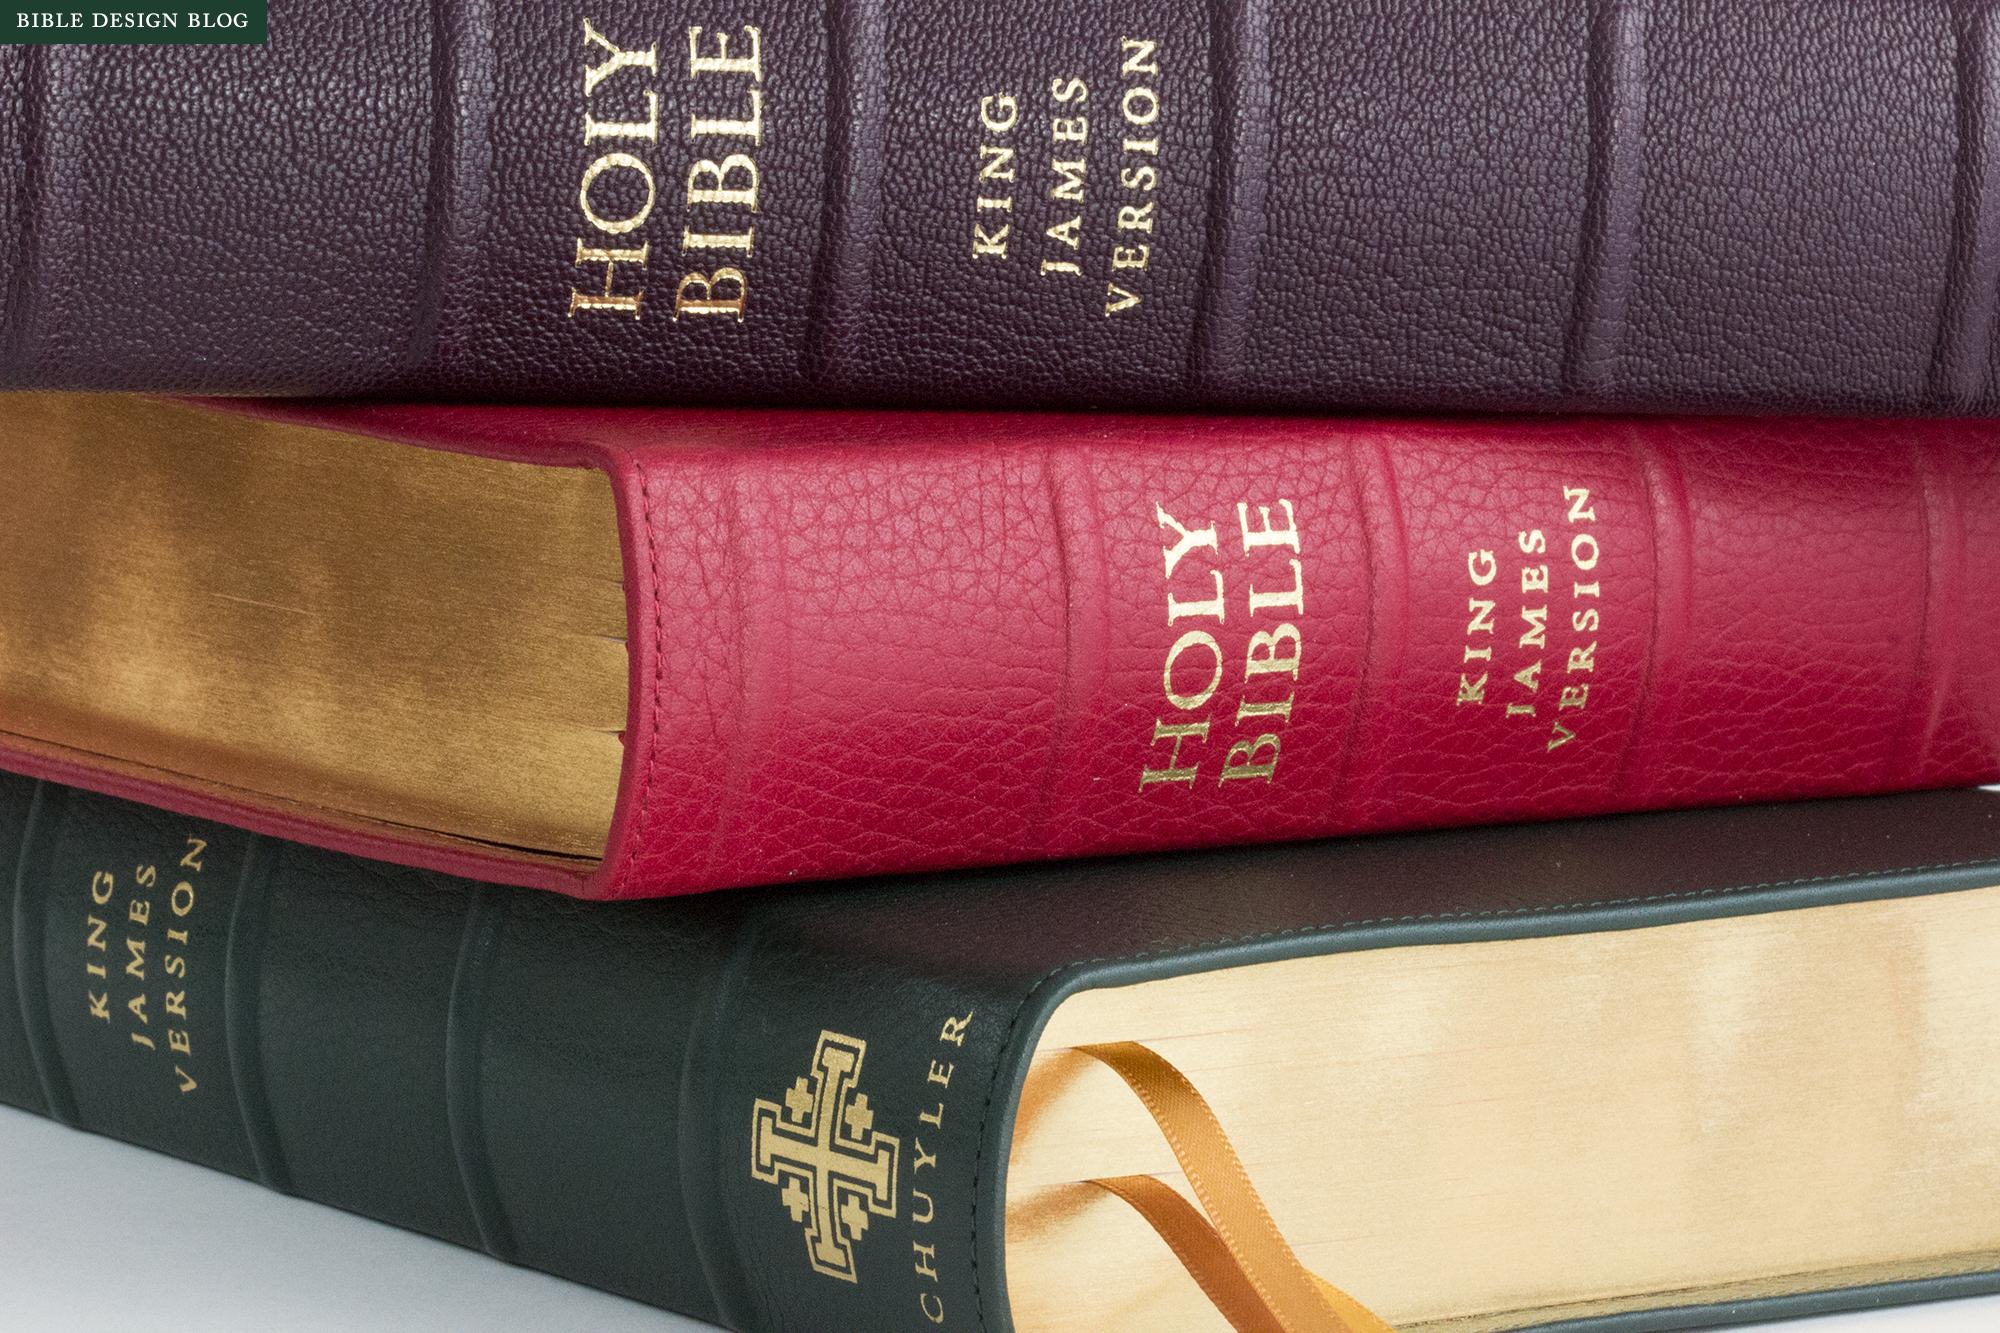 The Schuyler Quentel NKJV — Bible Design Blog